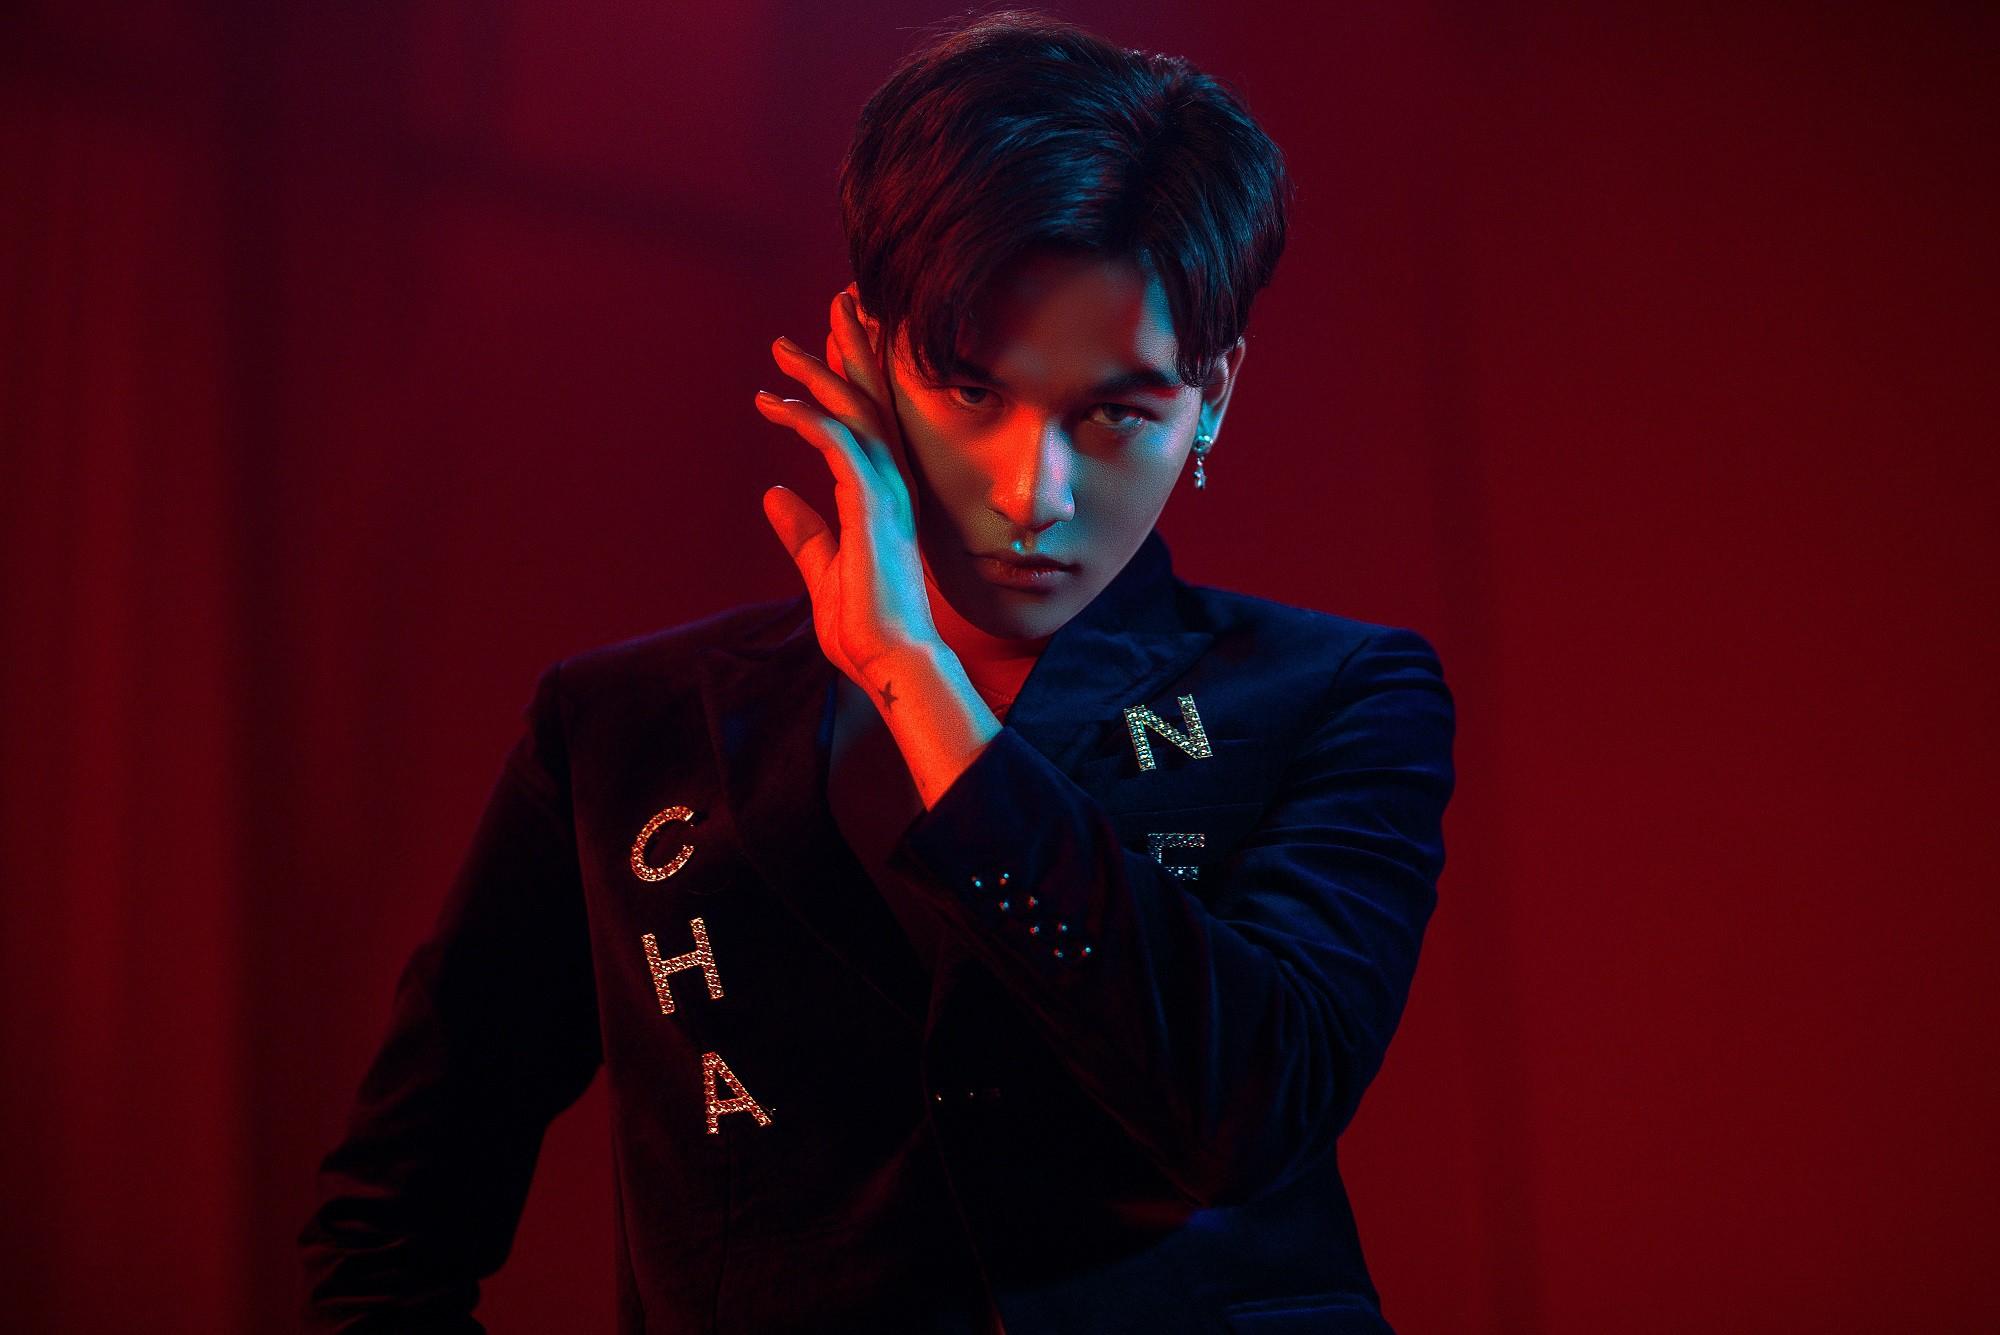 Ali Hoàng Dương lột xác cá tính trong album đầu tay sau 2 năm đăng quang The Voice 2017 - Ảnh 1.